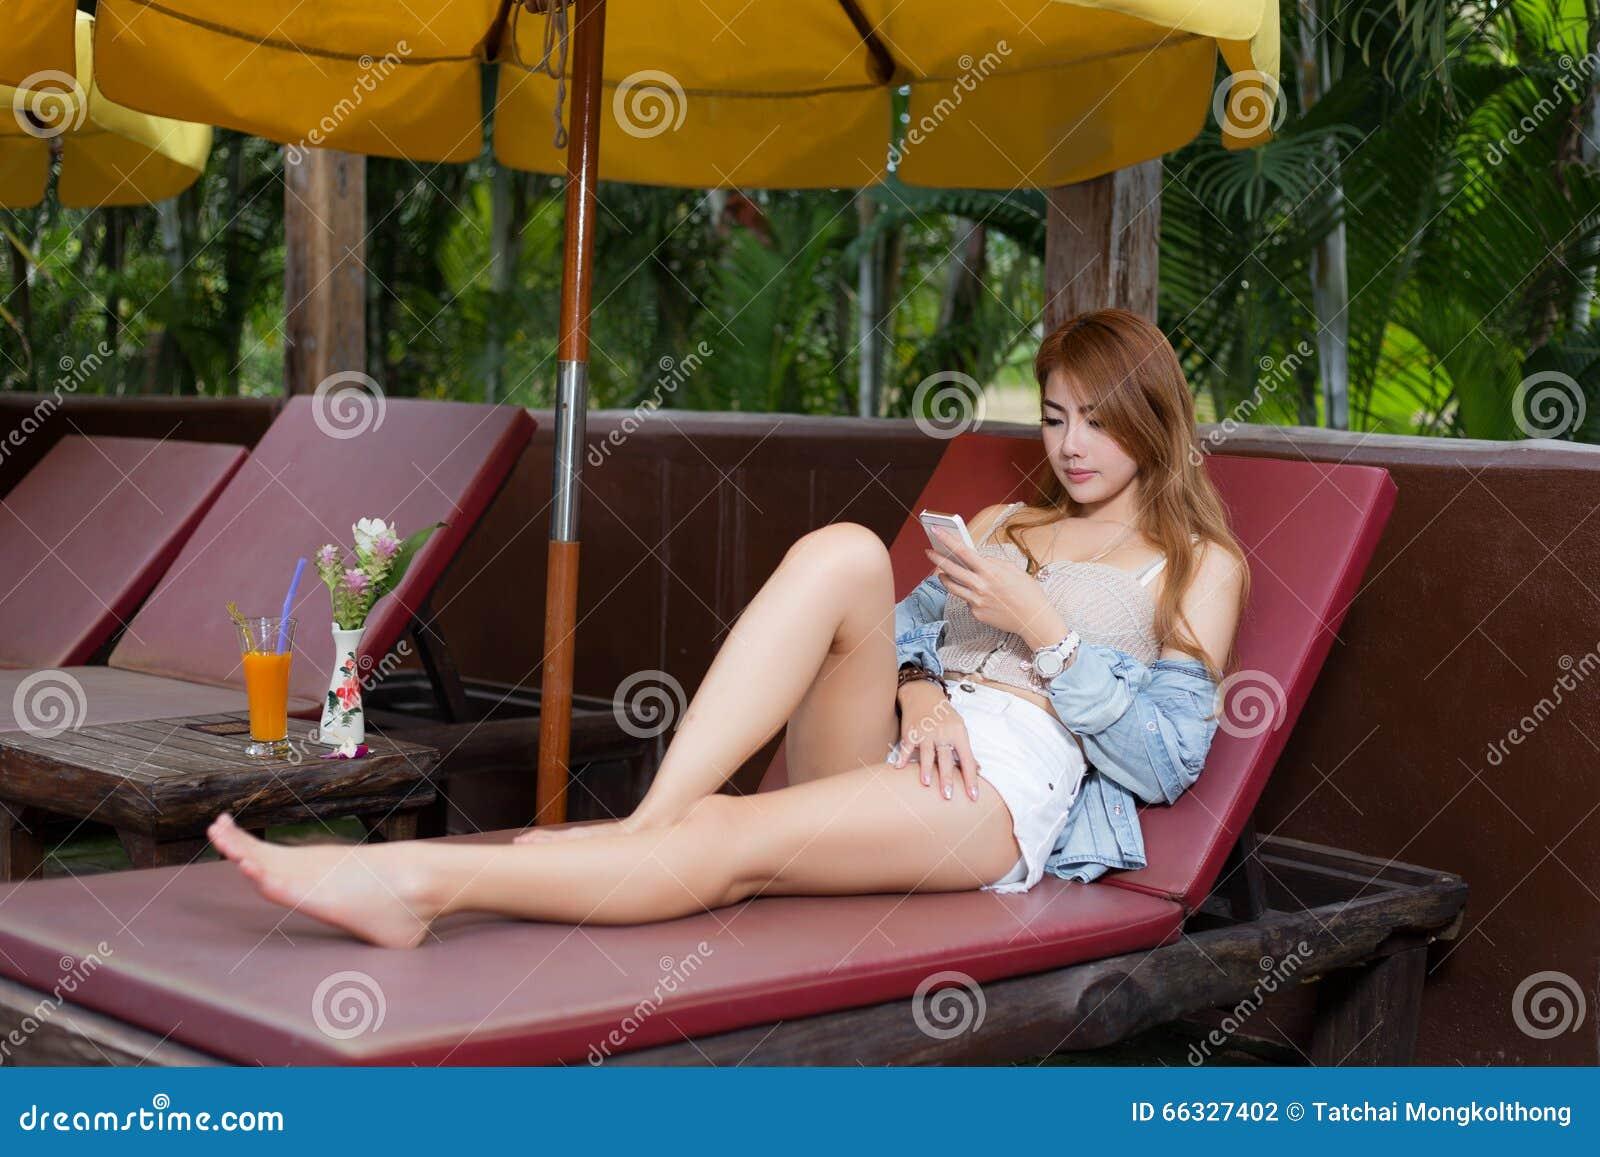 智能手机的美丽的女孩浏览互联网